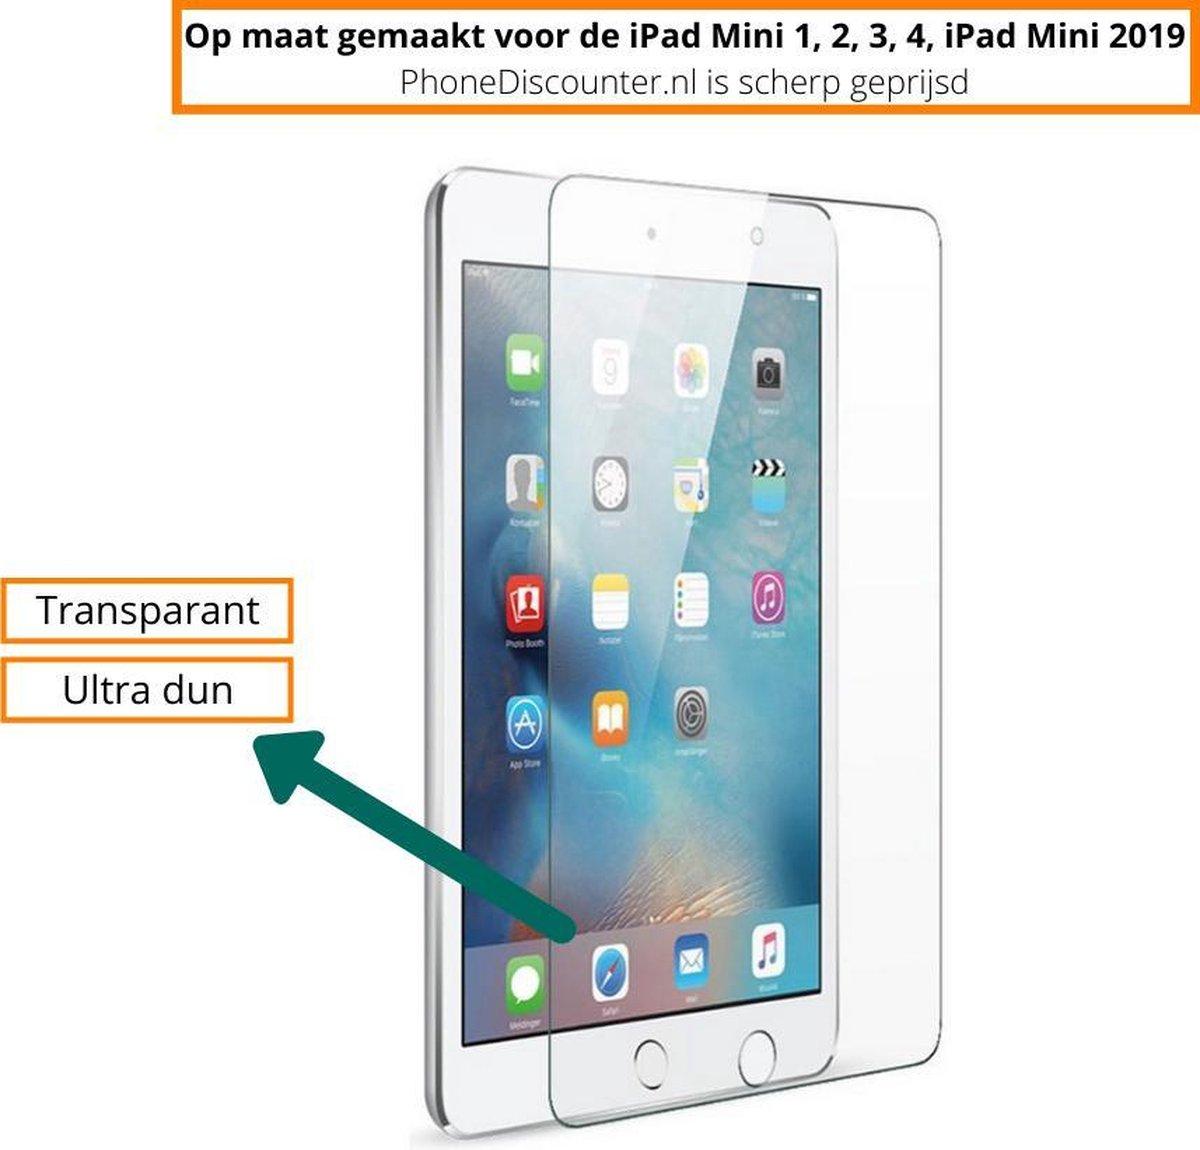 ipad mini 3 tempered glass   iPad Mini 3 full screenprotector   iPad Mini 3 screen protector   screenprotector ipad mini 3 apple   Apple iPad Mini 3 glasplaat kopen